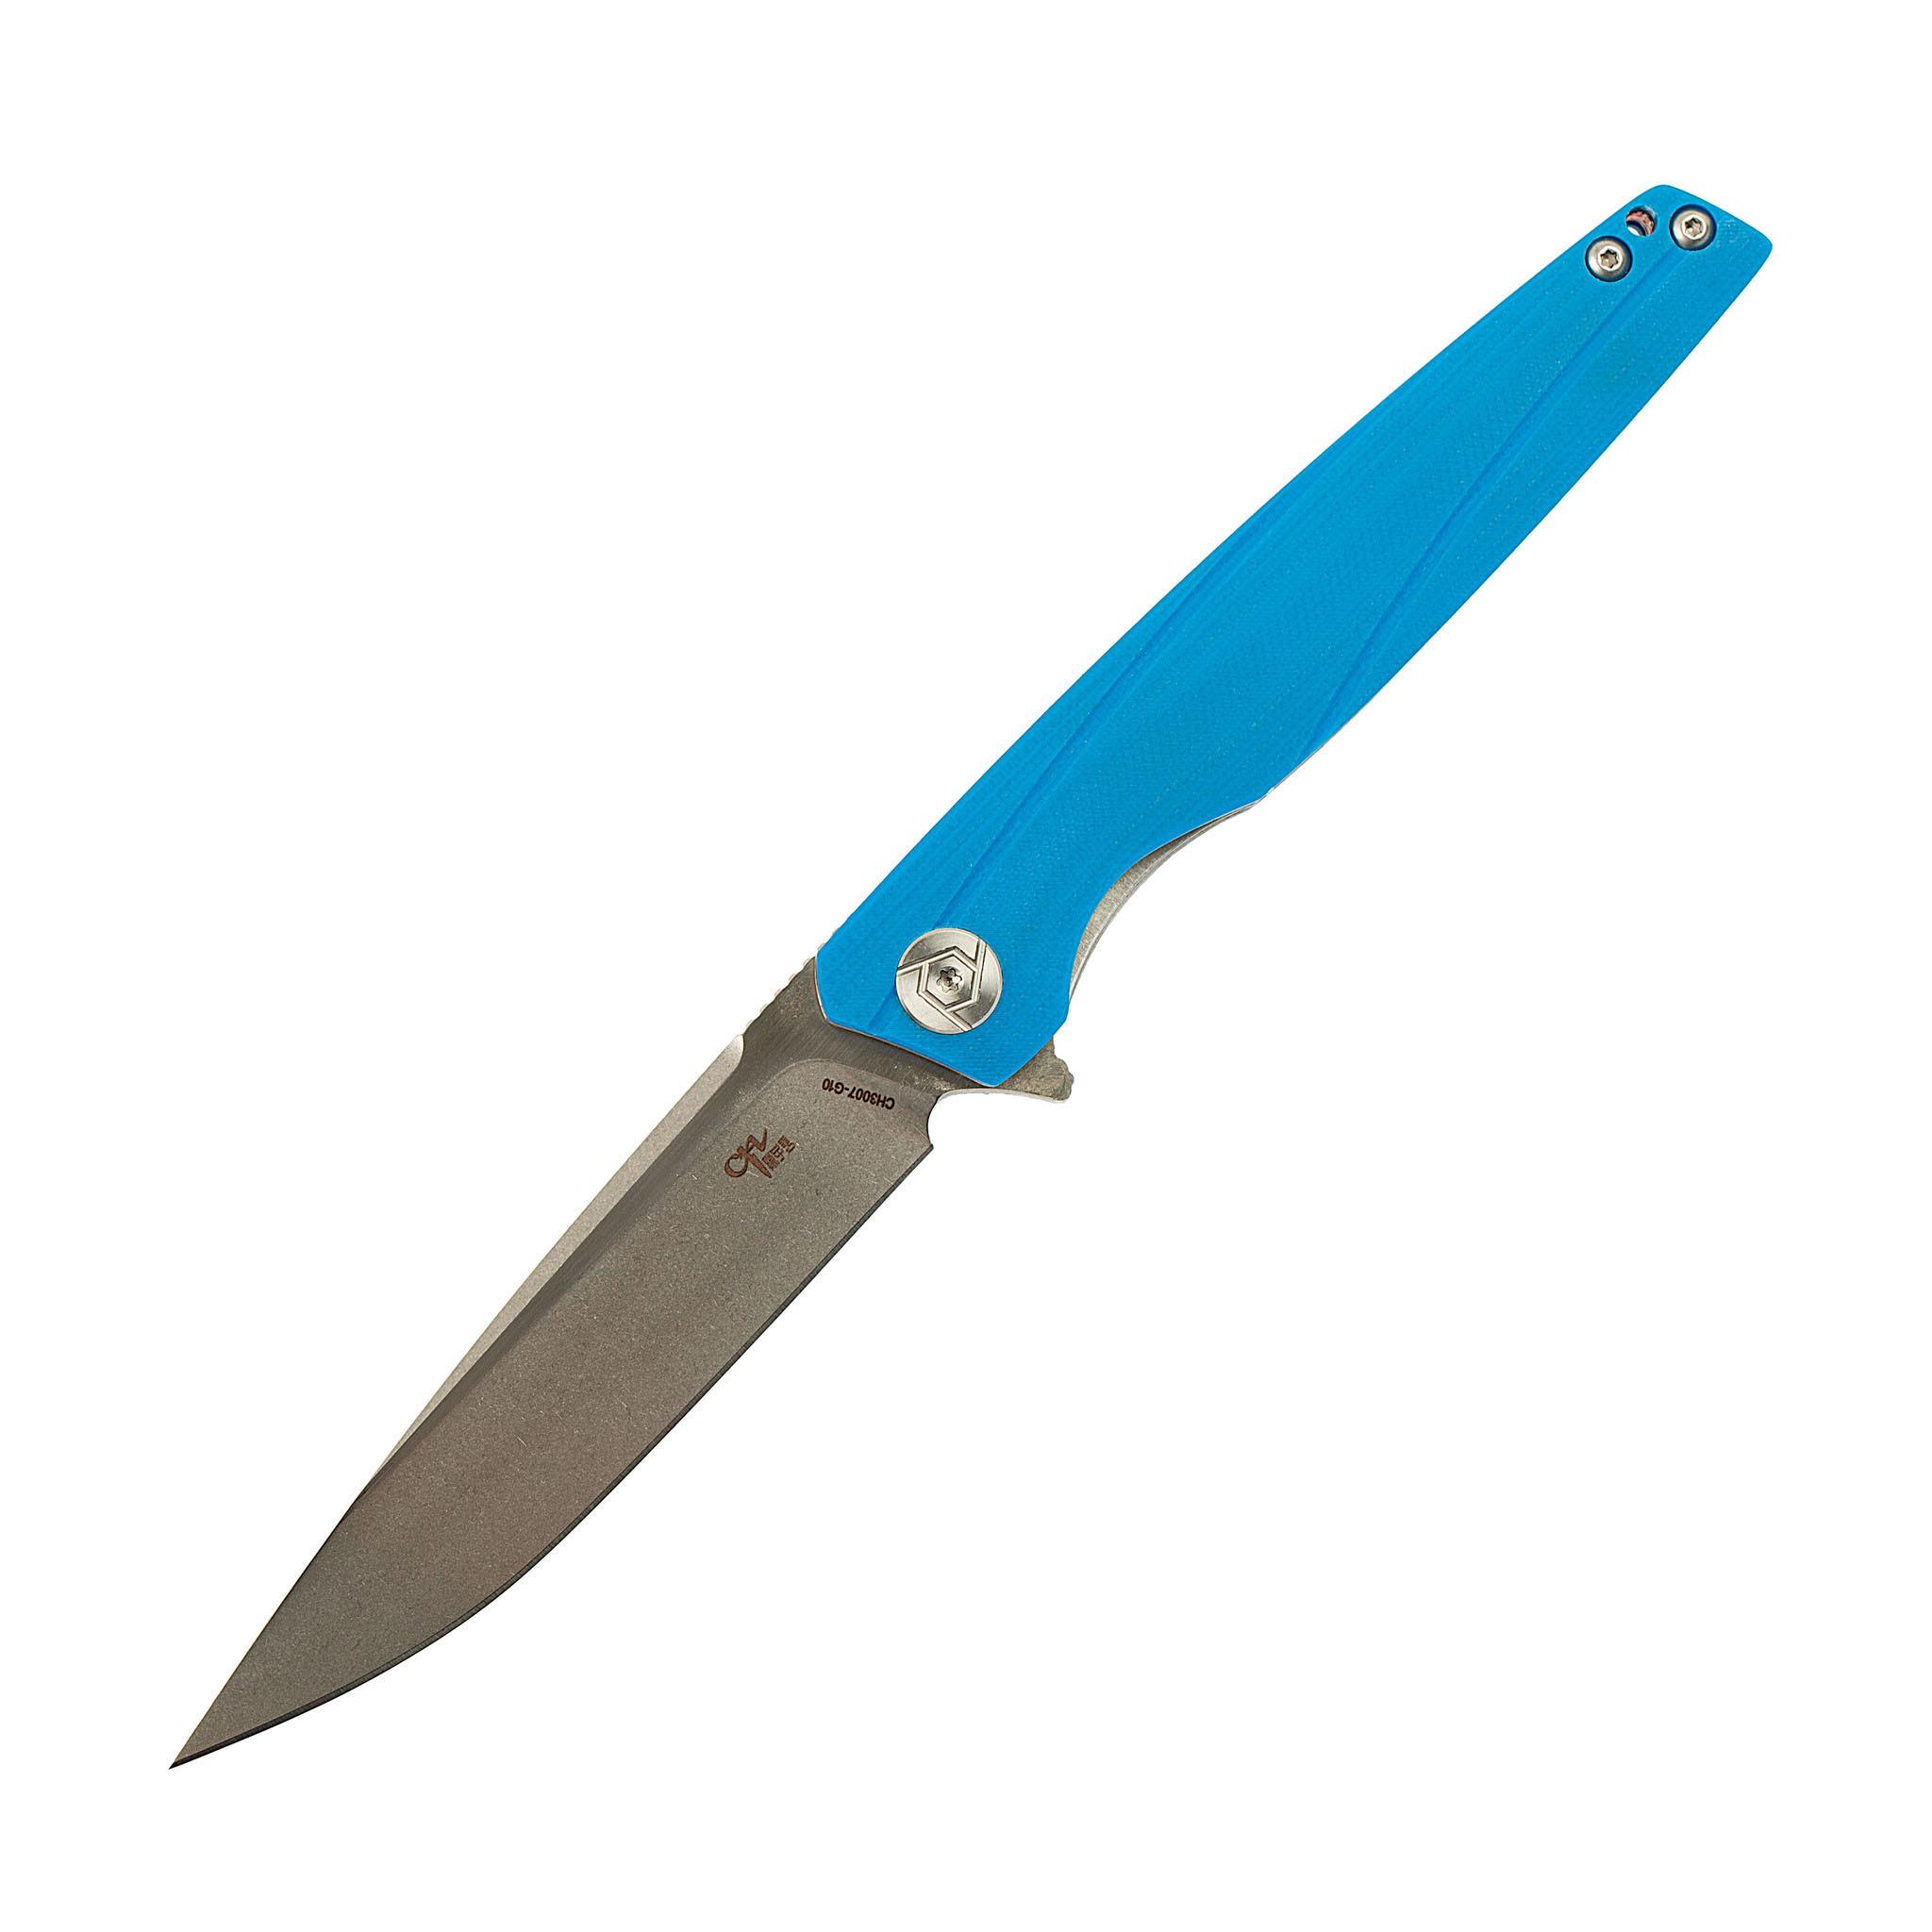 Складной нож CH3007 синий, сталь D2, рукоять G10 от ch outdoor knife